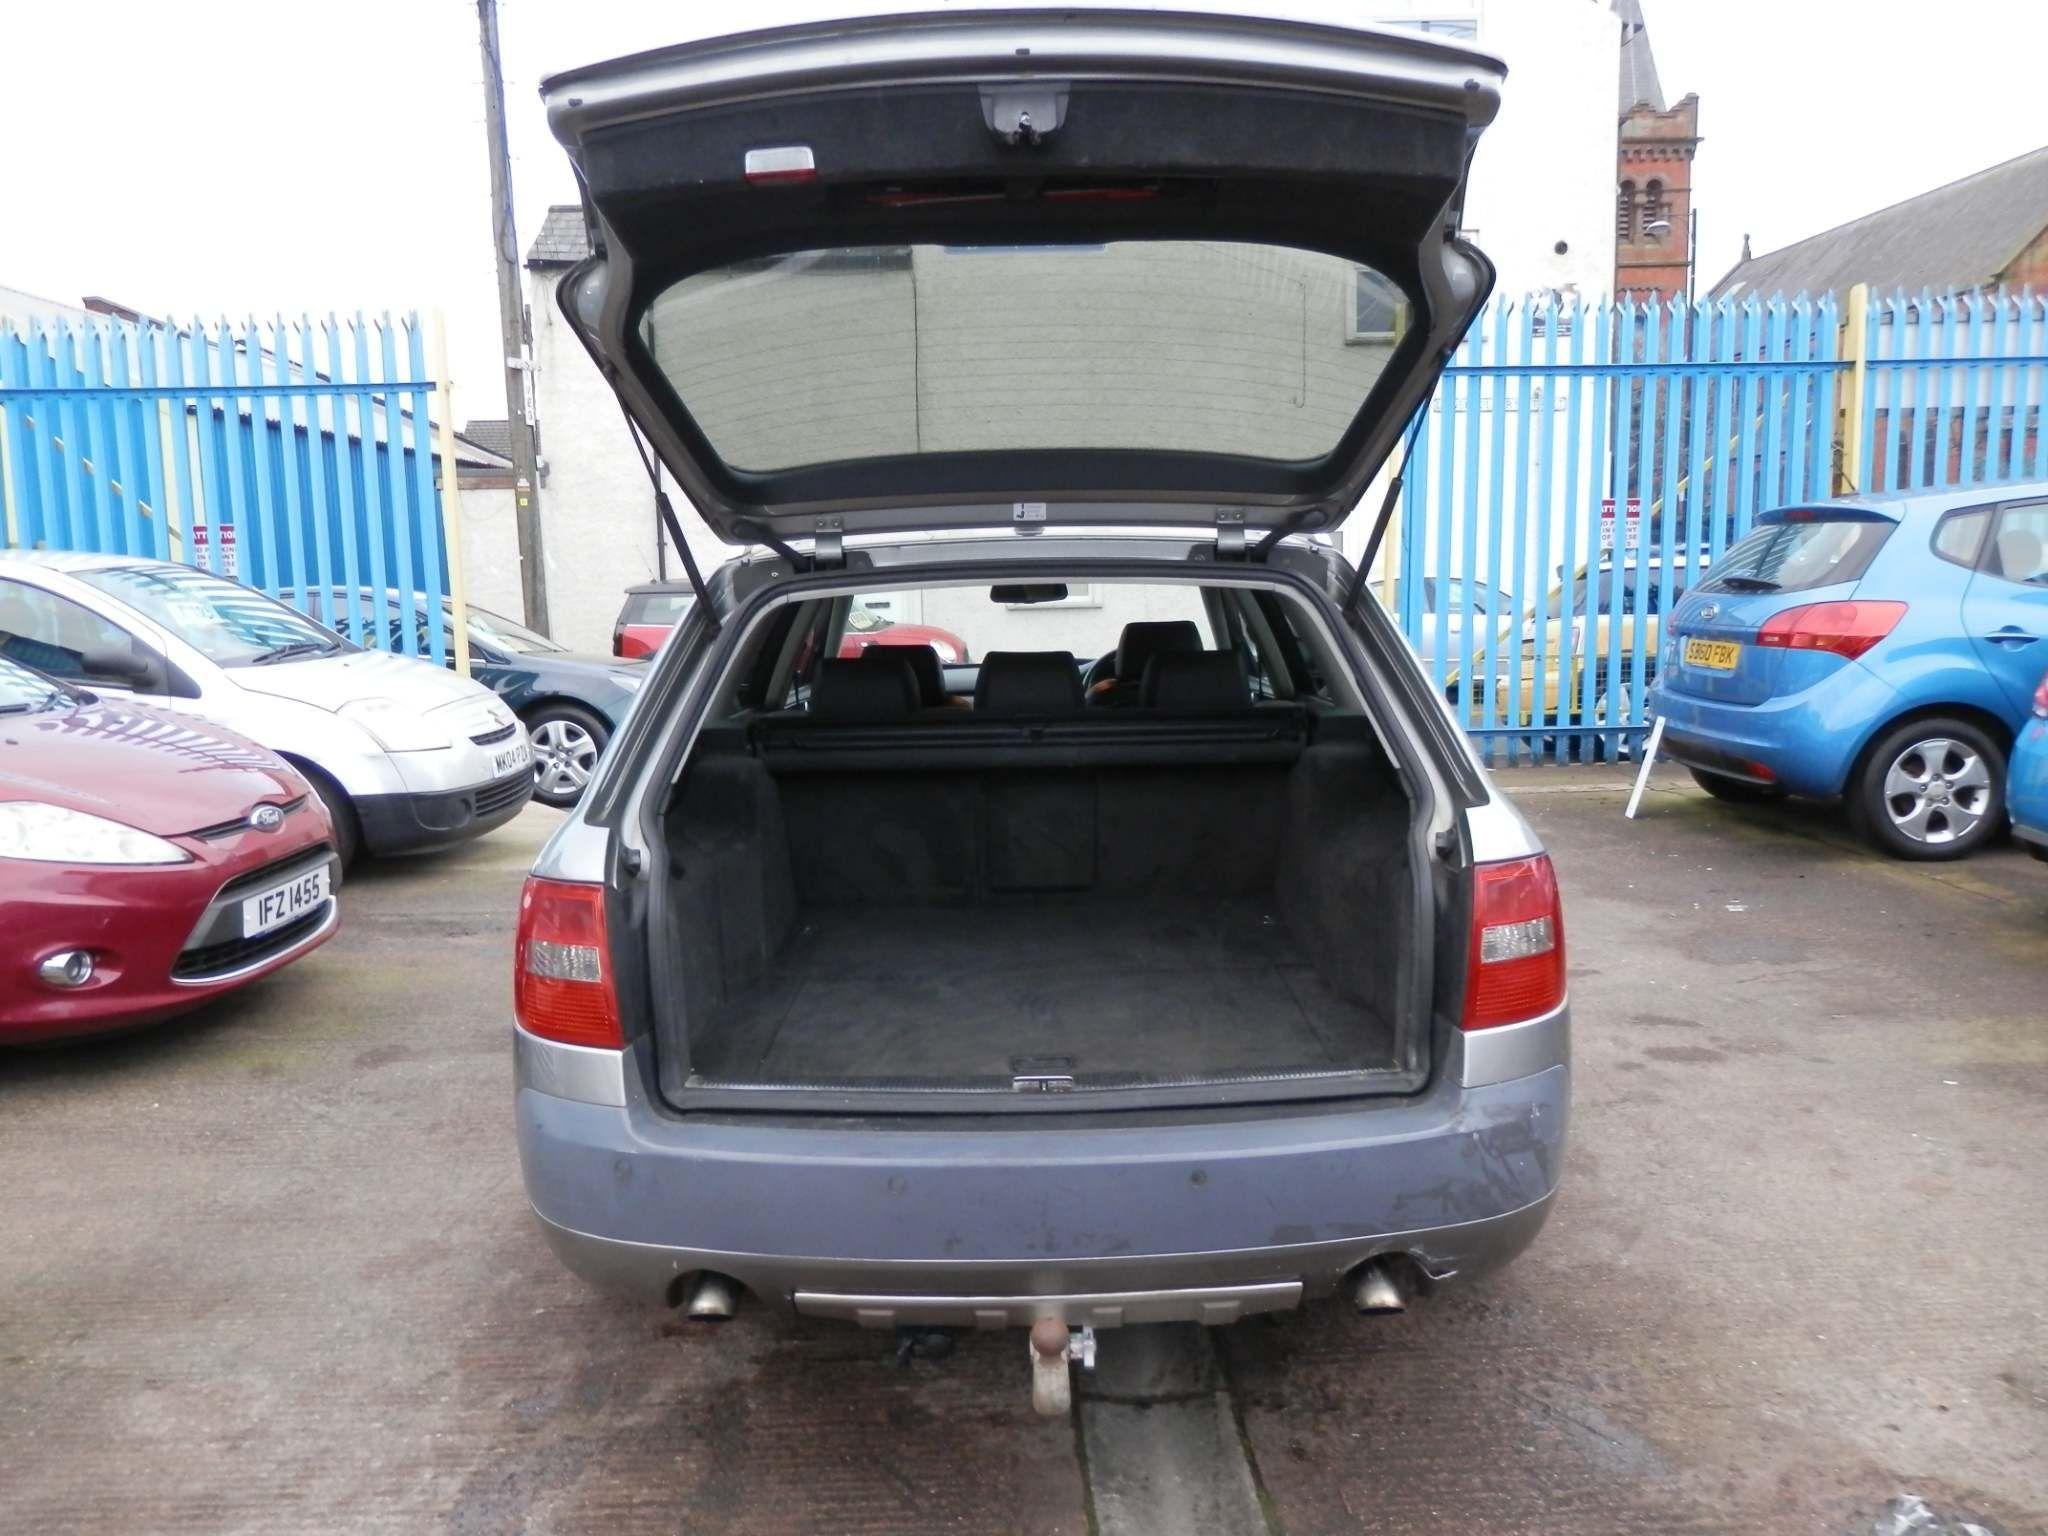 2004 AUDI Allroad 2.5 TDI quattro Diesel Automatic  – Premier Cars Belfast Belfast full